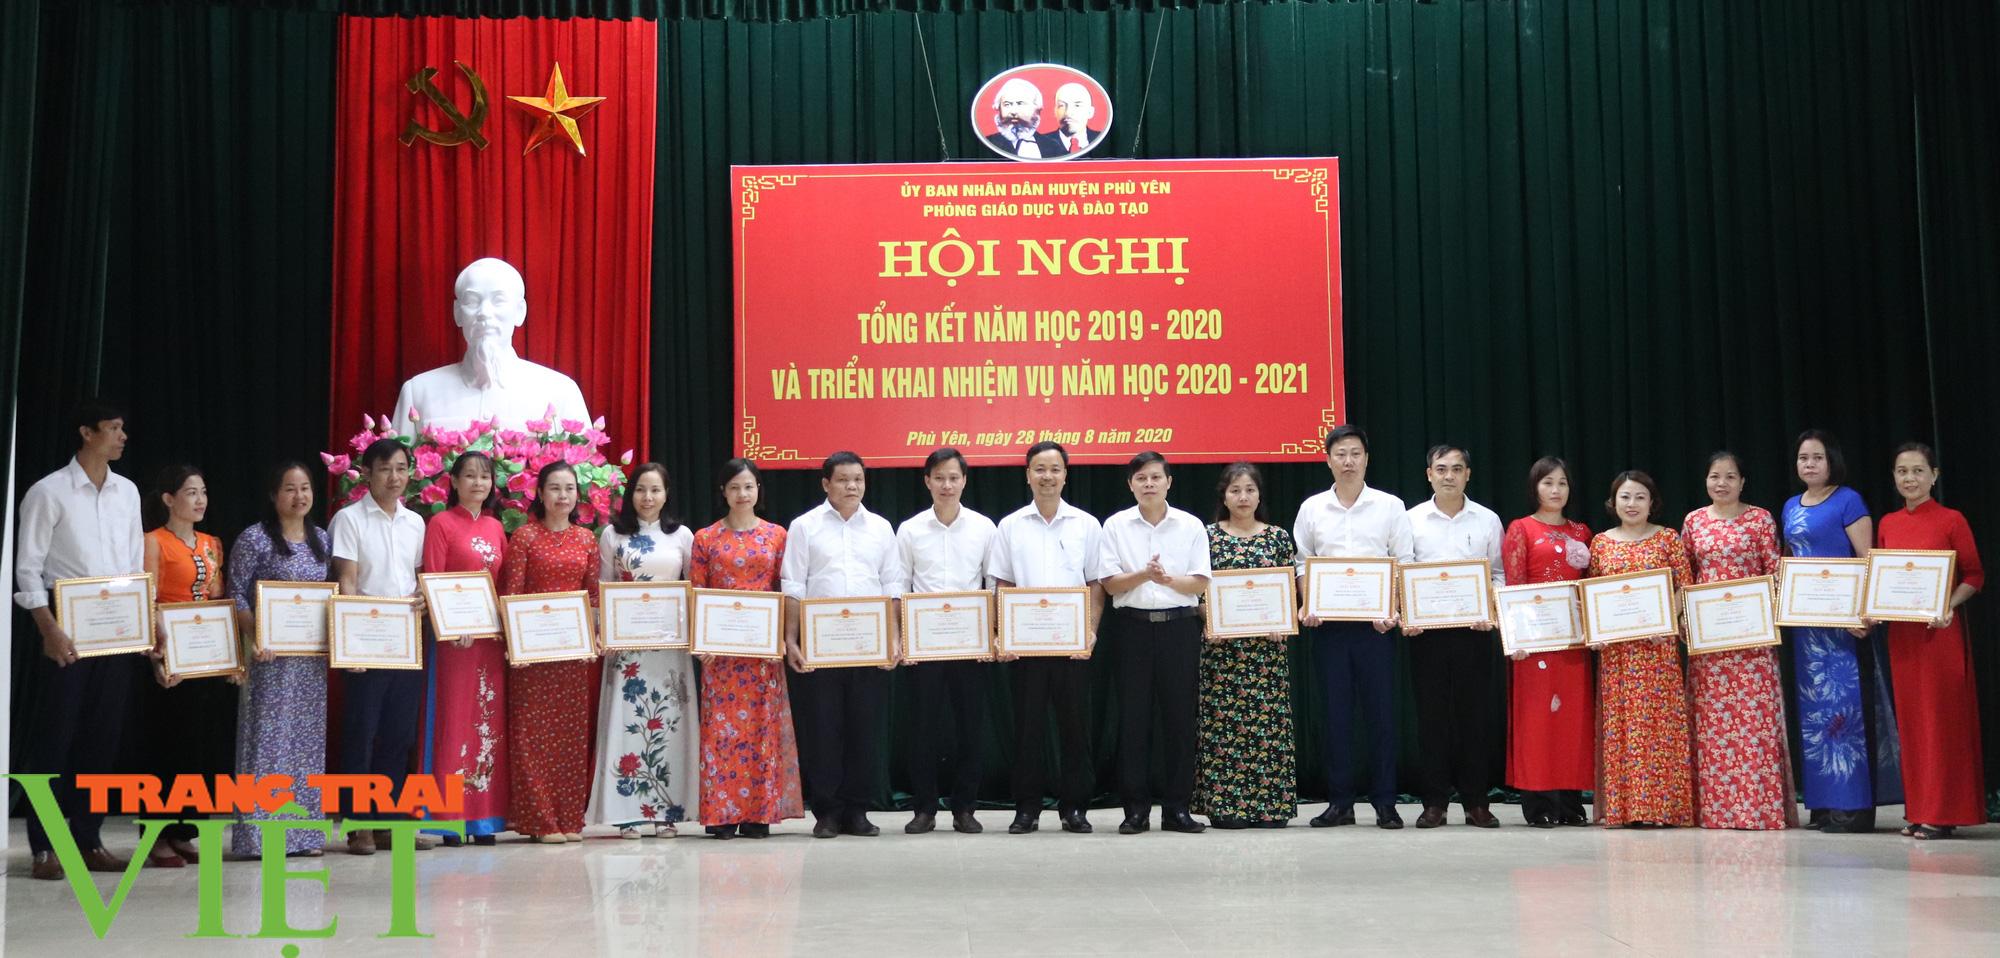 UBND huyện Phù Yên tổ chức Hội nghị tổng kết năm học 2019 – 2020 - Ảnh 6.